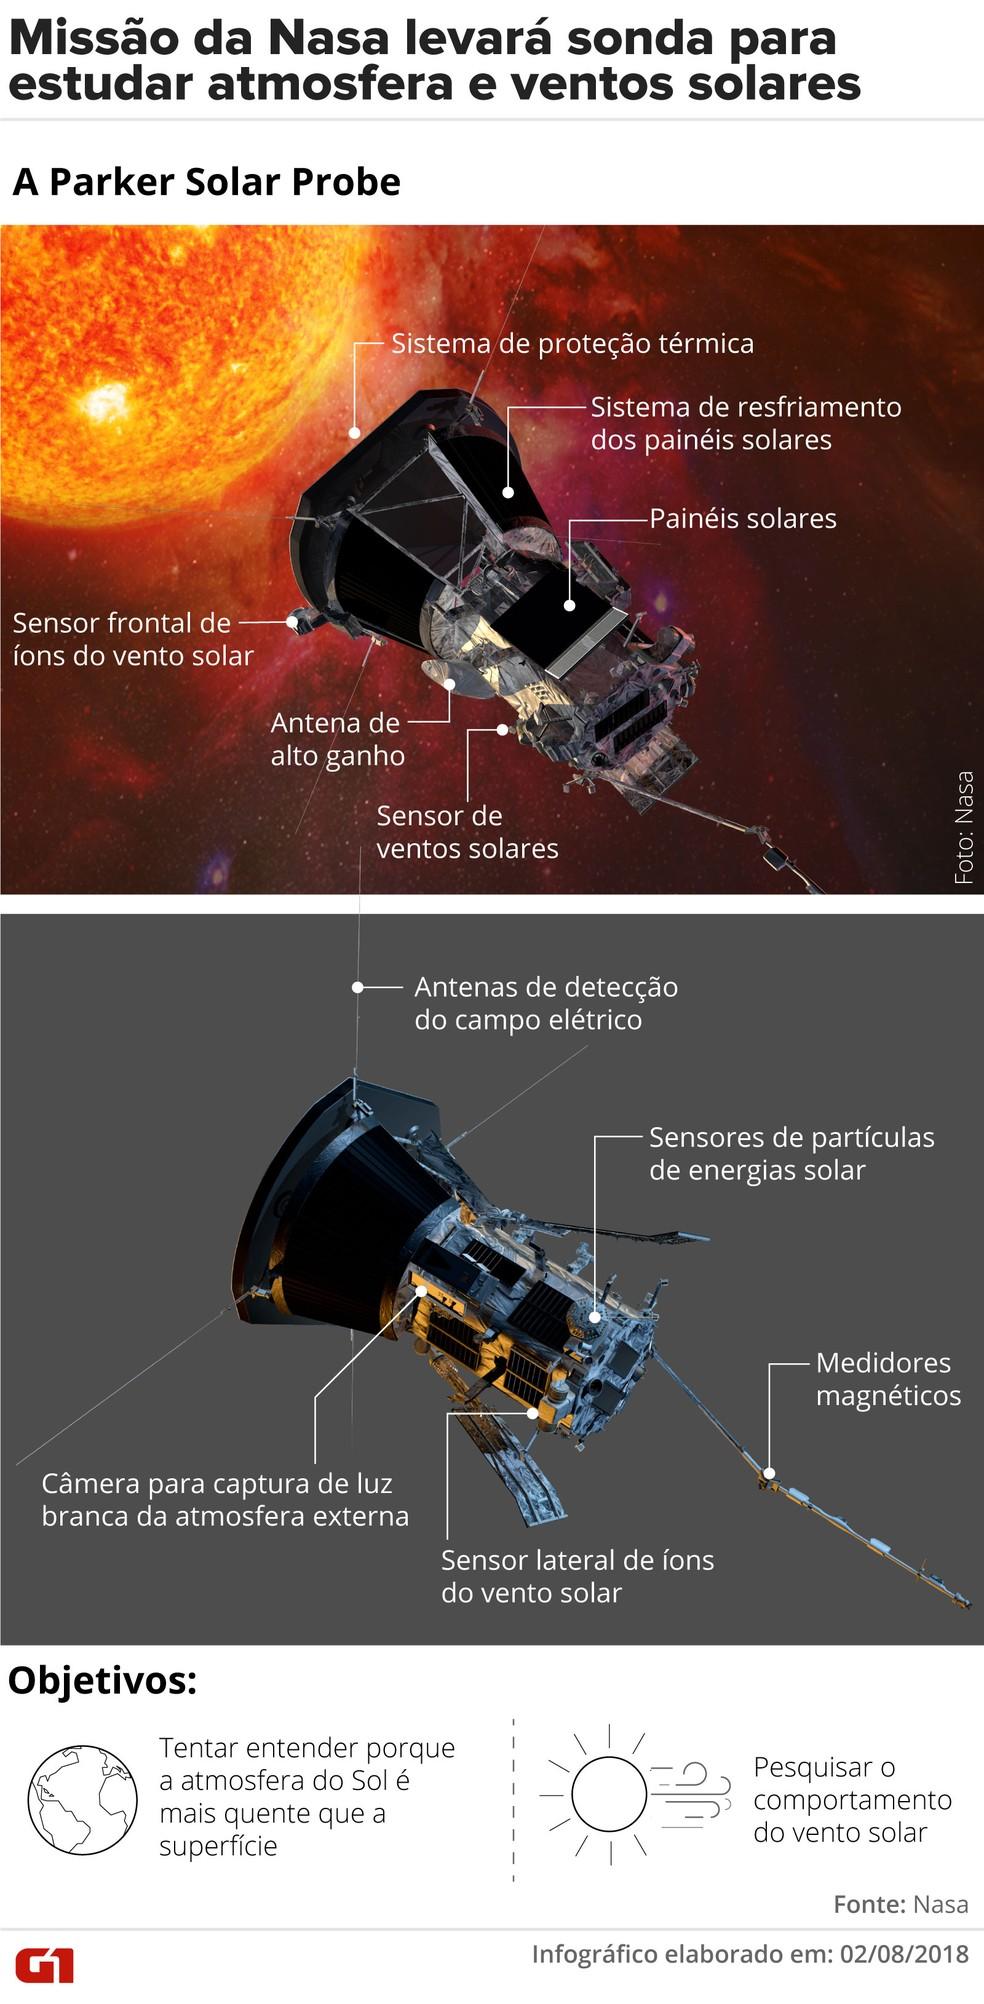 Parker Solar Probe, missão da Nasa para o Sol — Foto: Claudia Ferreira/G1